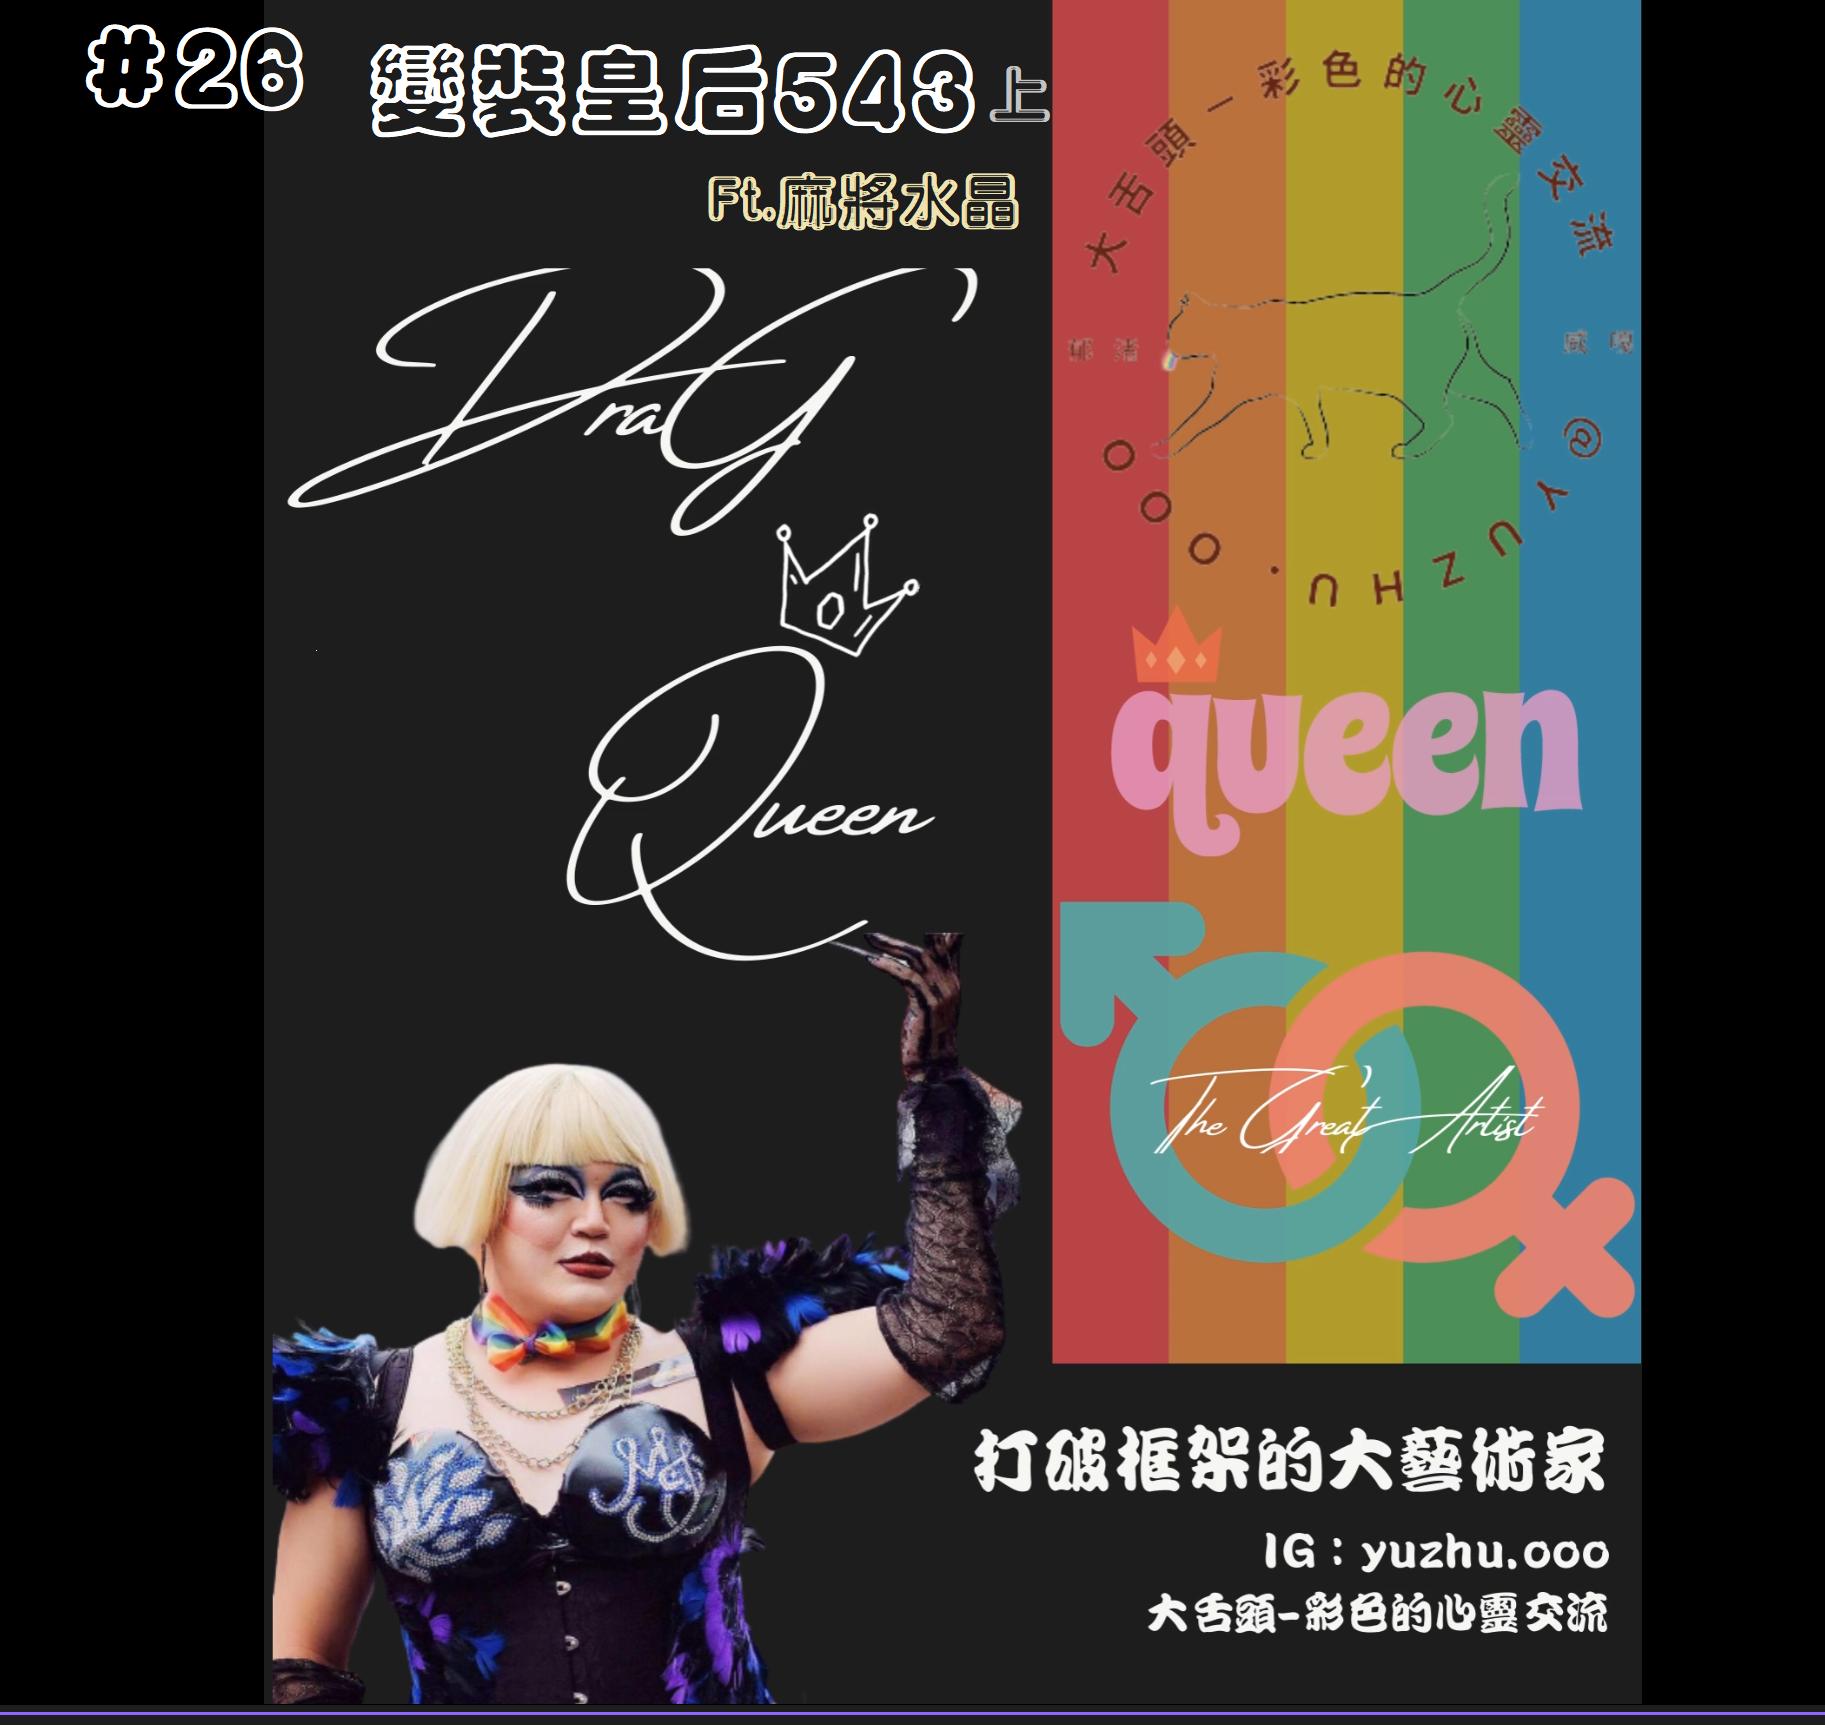 #26【變裝皇后543(上)】打破框架的大藝術家,變裝的行為藝術___Ft.麻將水晶